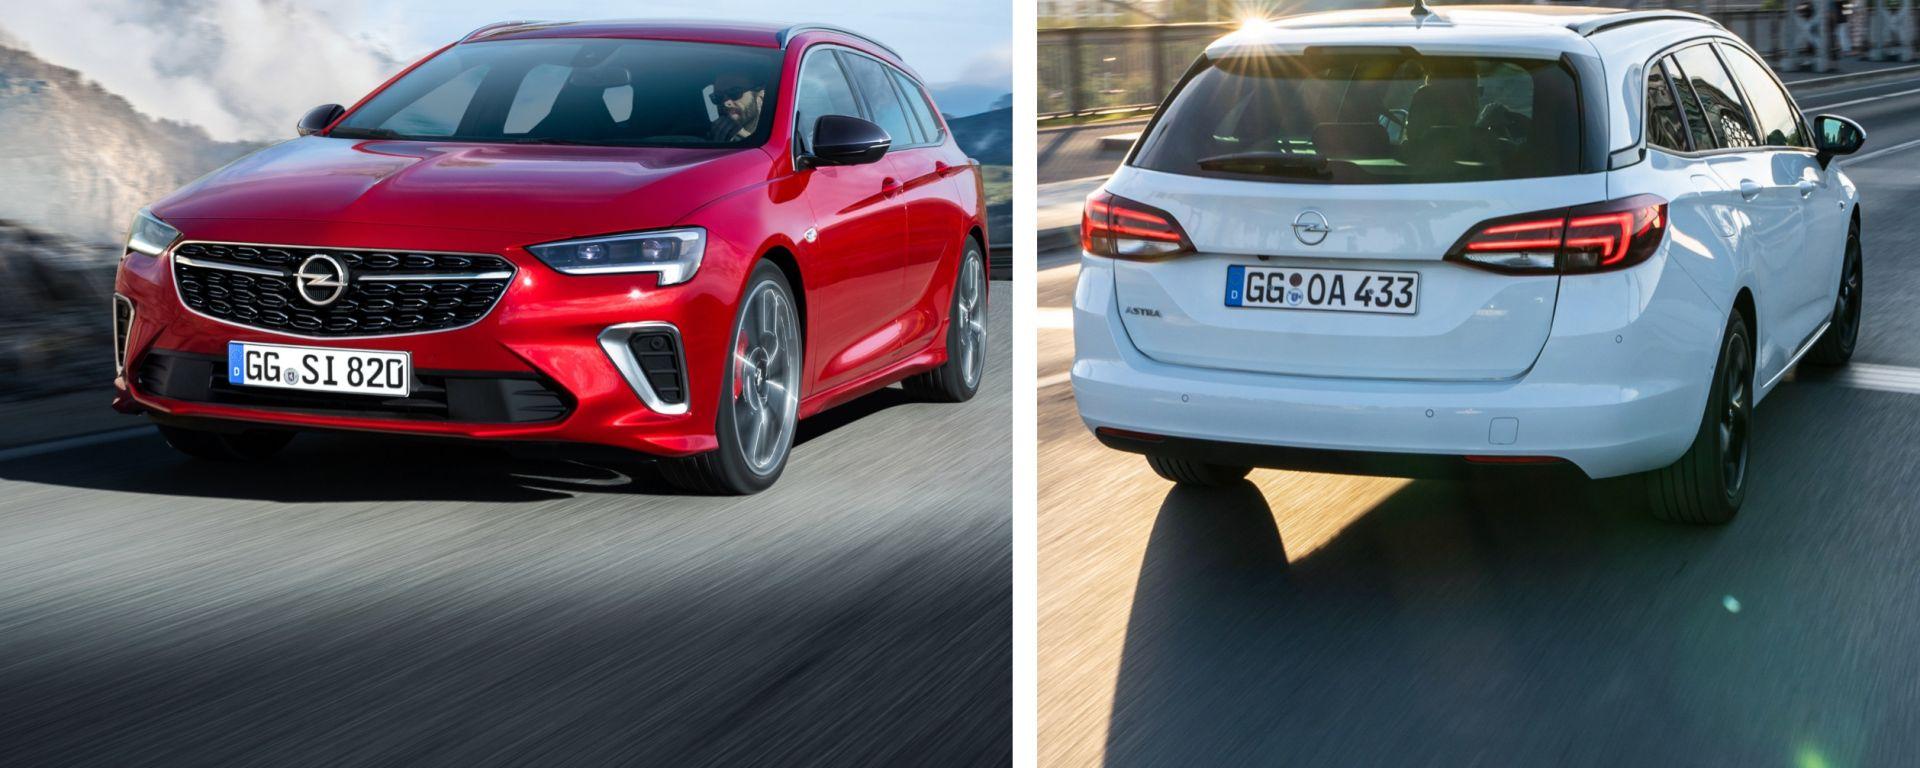 Opel Astra e Insignia Sports Tourer, la wagon conquista. Ecco perché